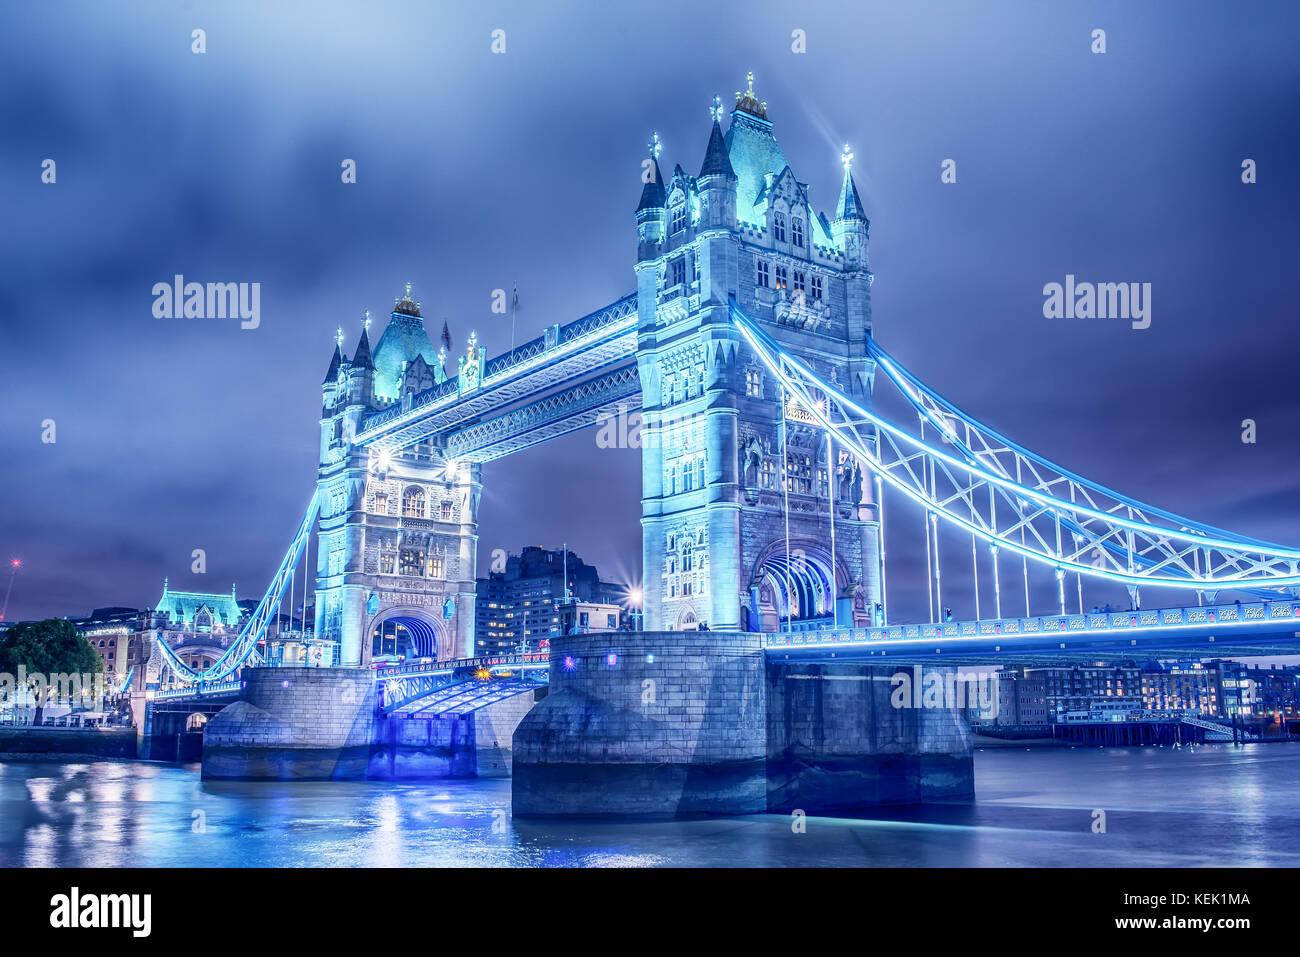 Londres, Reino Unido: Tower Bridge sobre el río Támesis Imagen De Stock